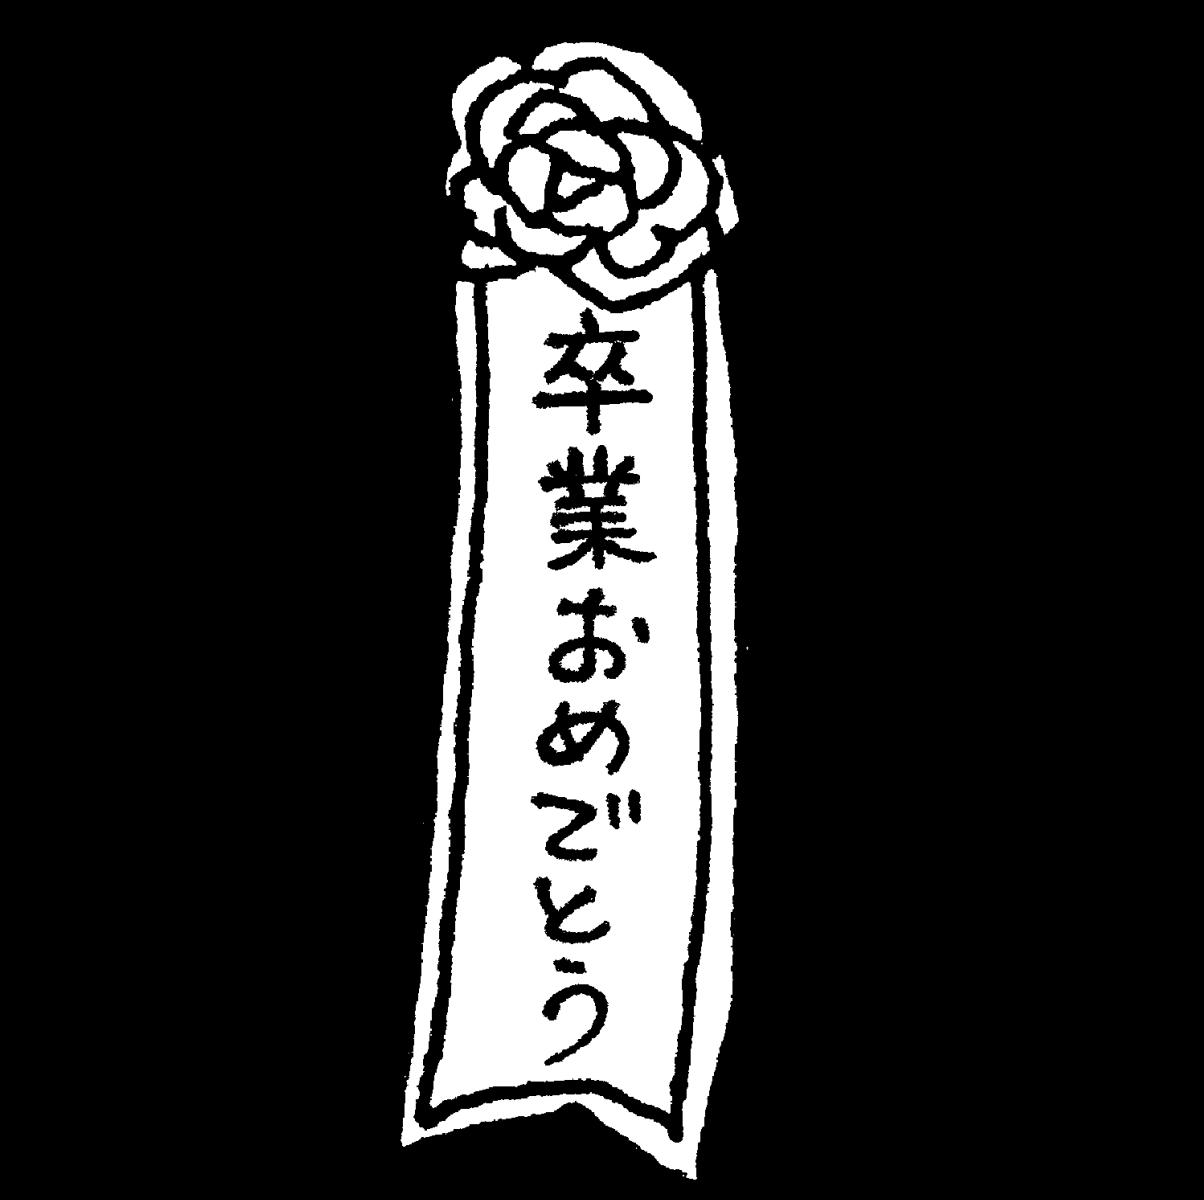 「卒業おめでとう」のリボン胸章のイラスト /